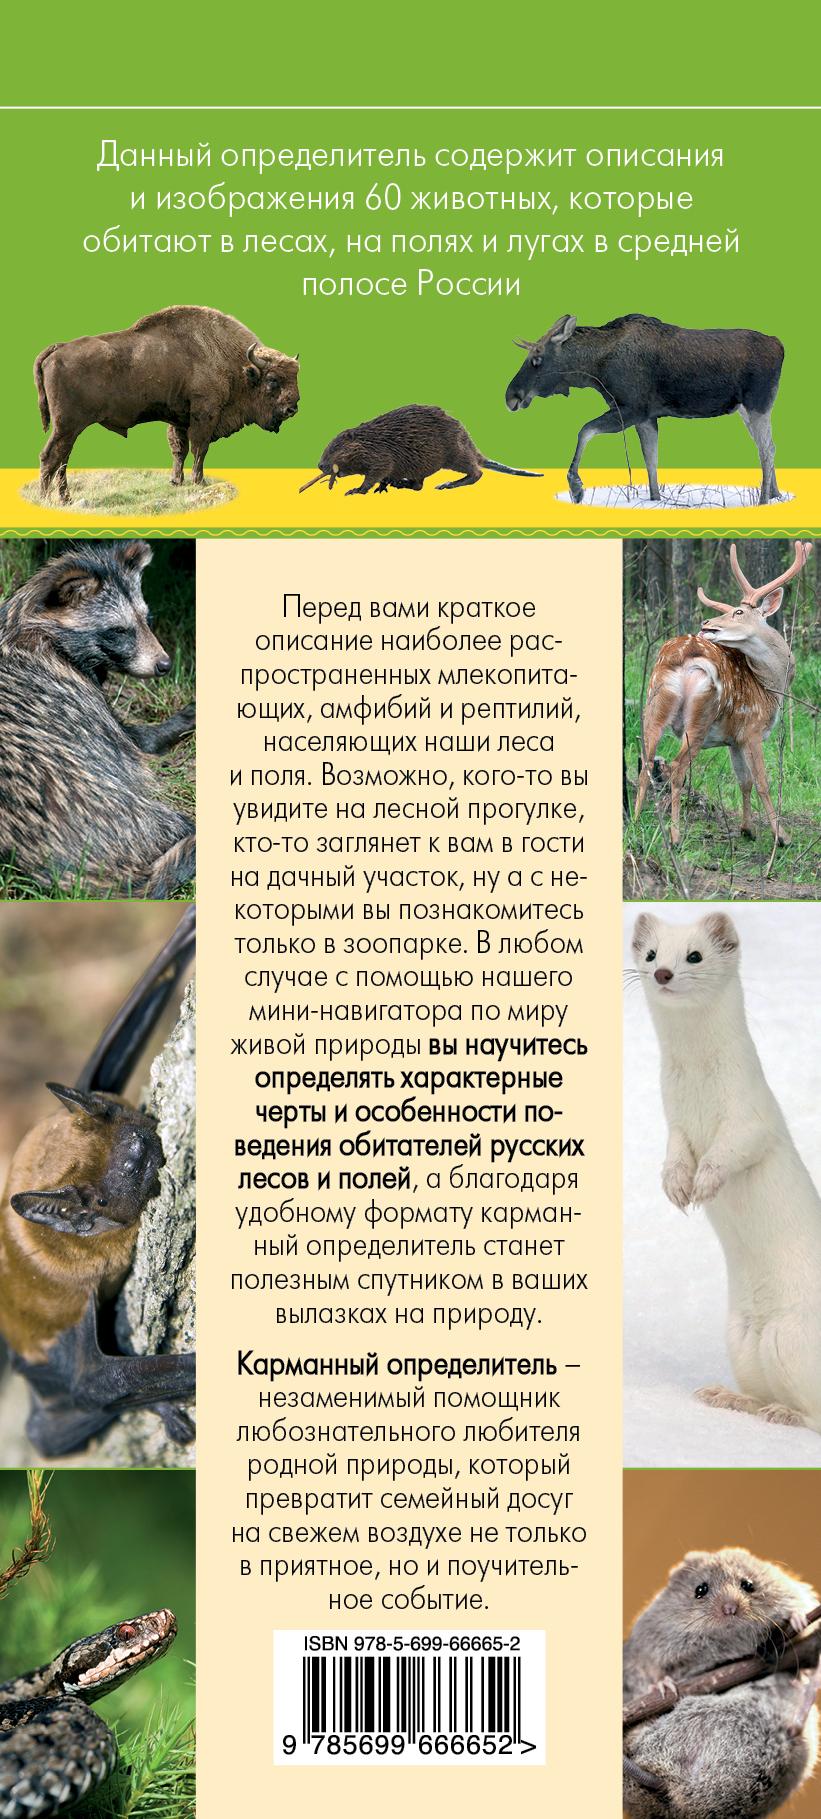 Животные. Определитель животных русских лесов и полей случается эмоционально удовлетворяя